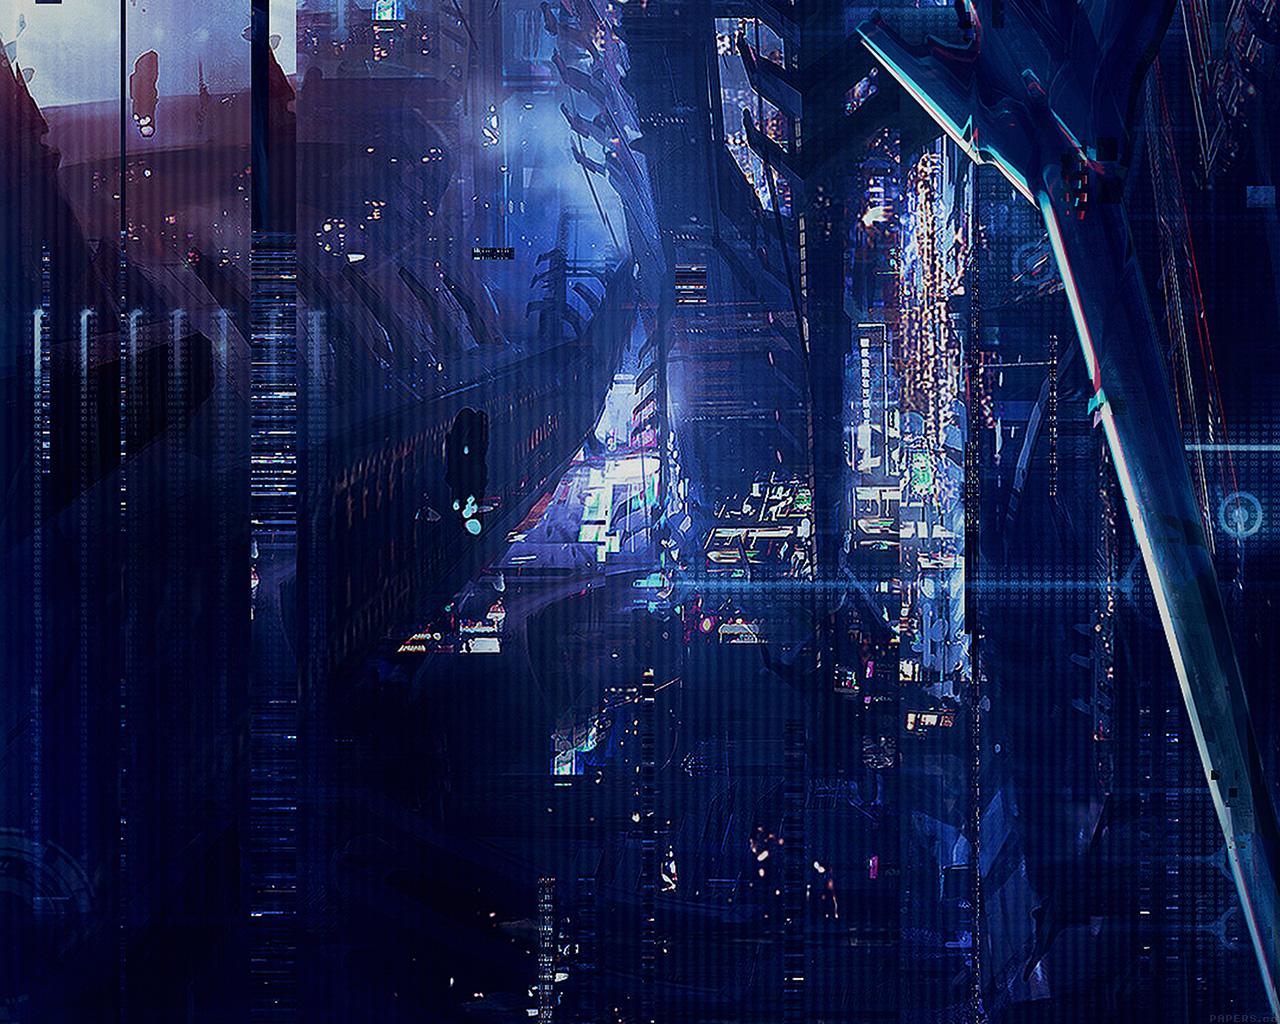 af77-digital-world-anime-art-illust-urban - Papers.co